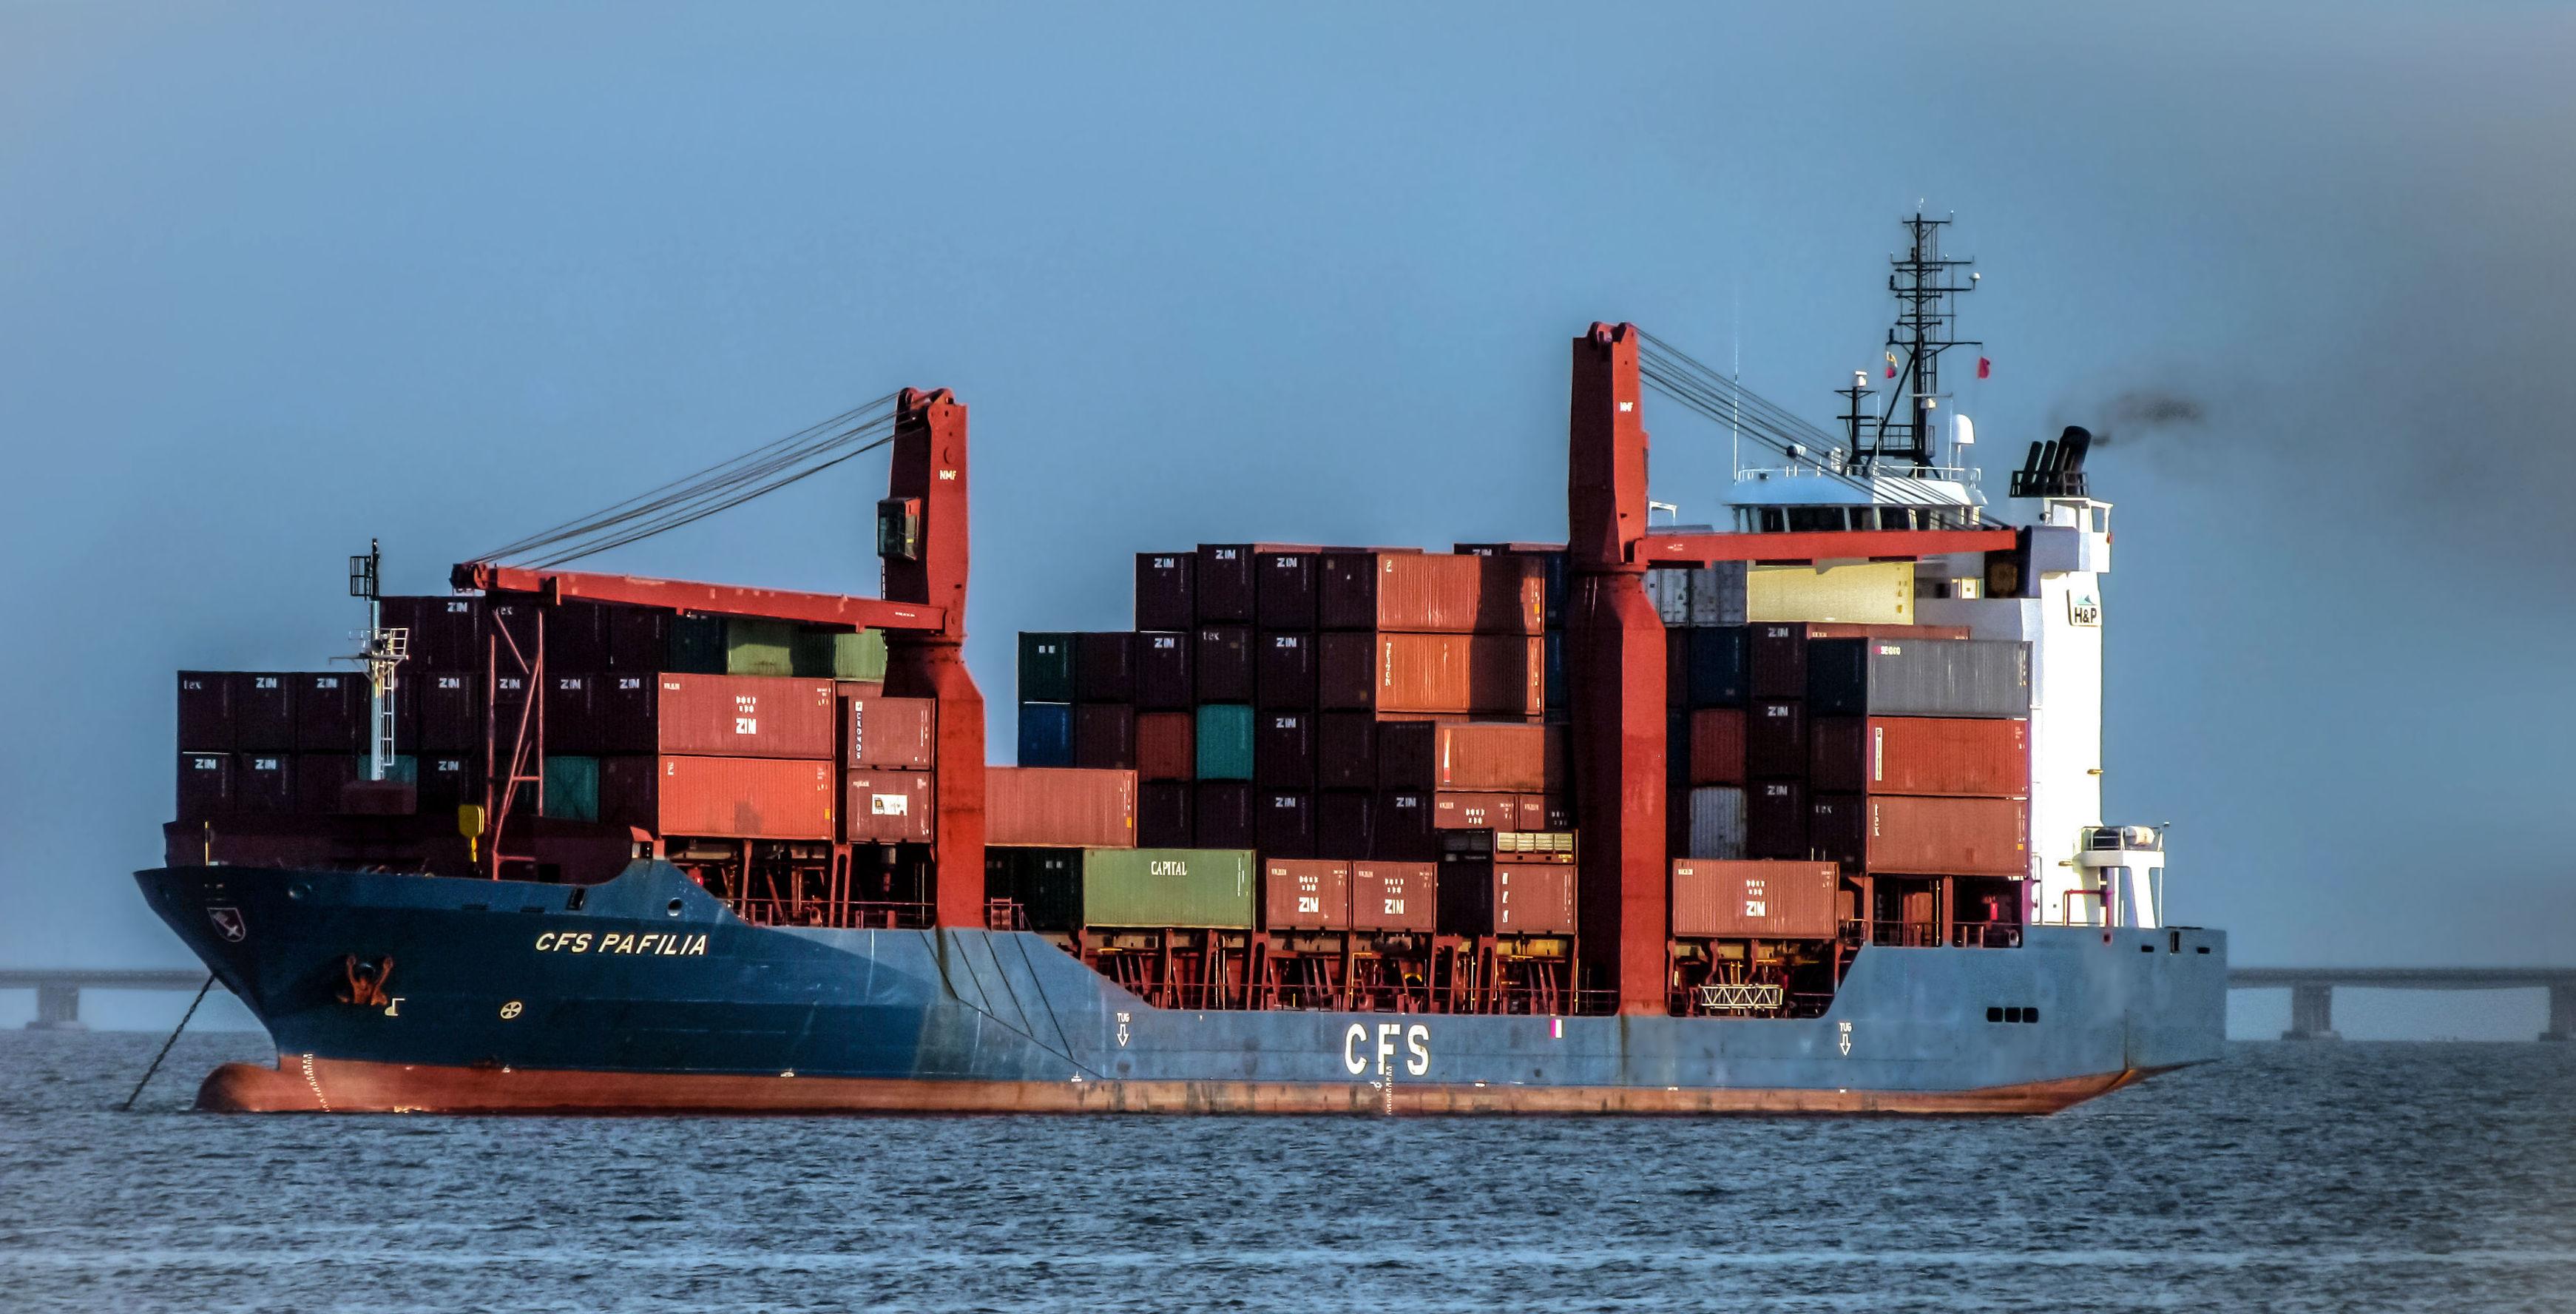 Consignatarios de buques